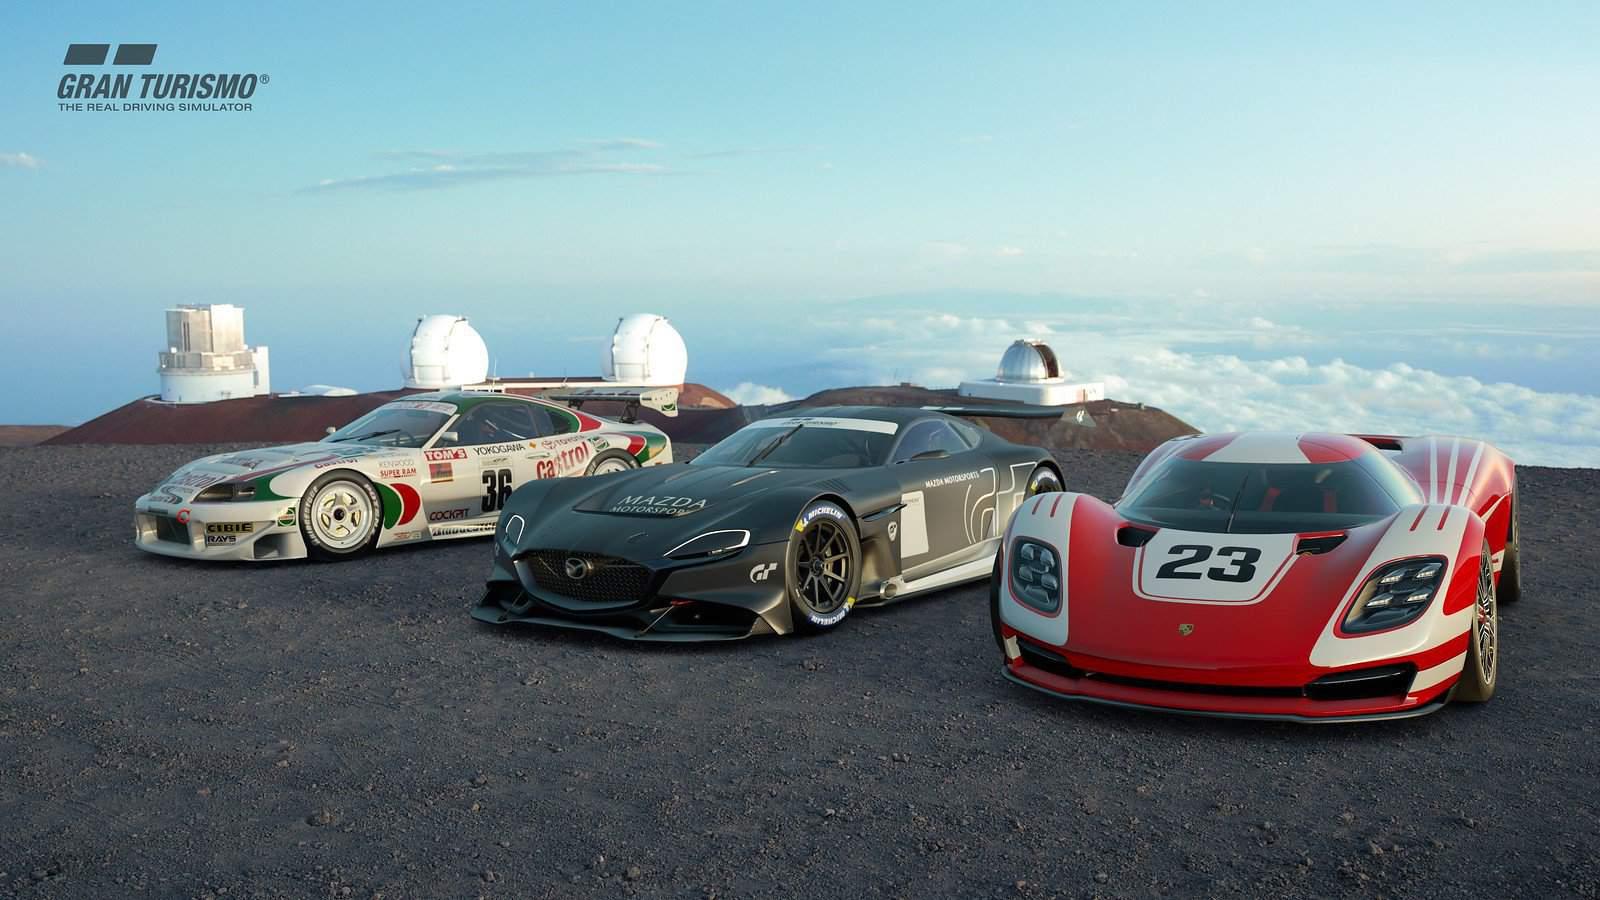 Gran Turismo 7 25 Anniversary